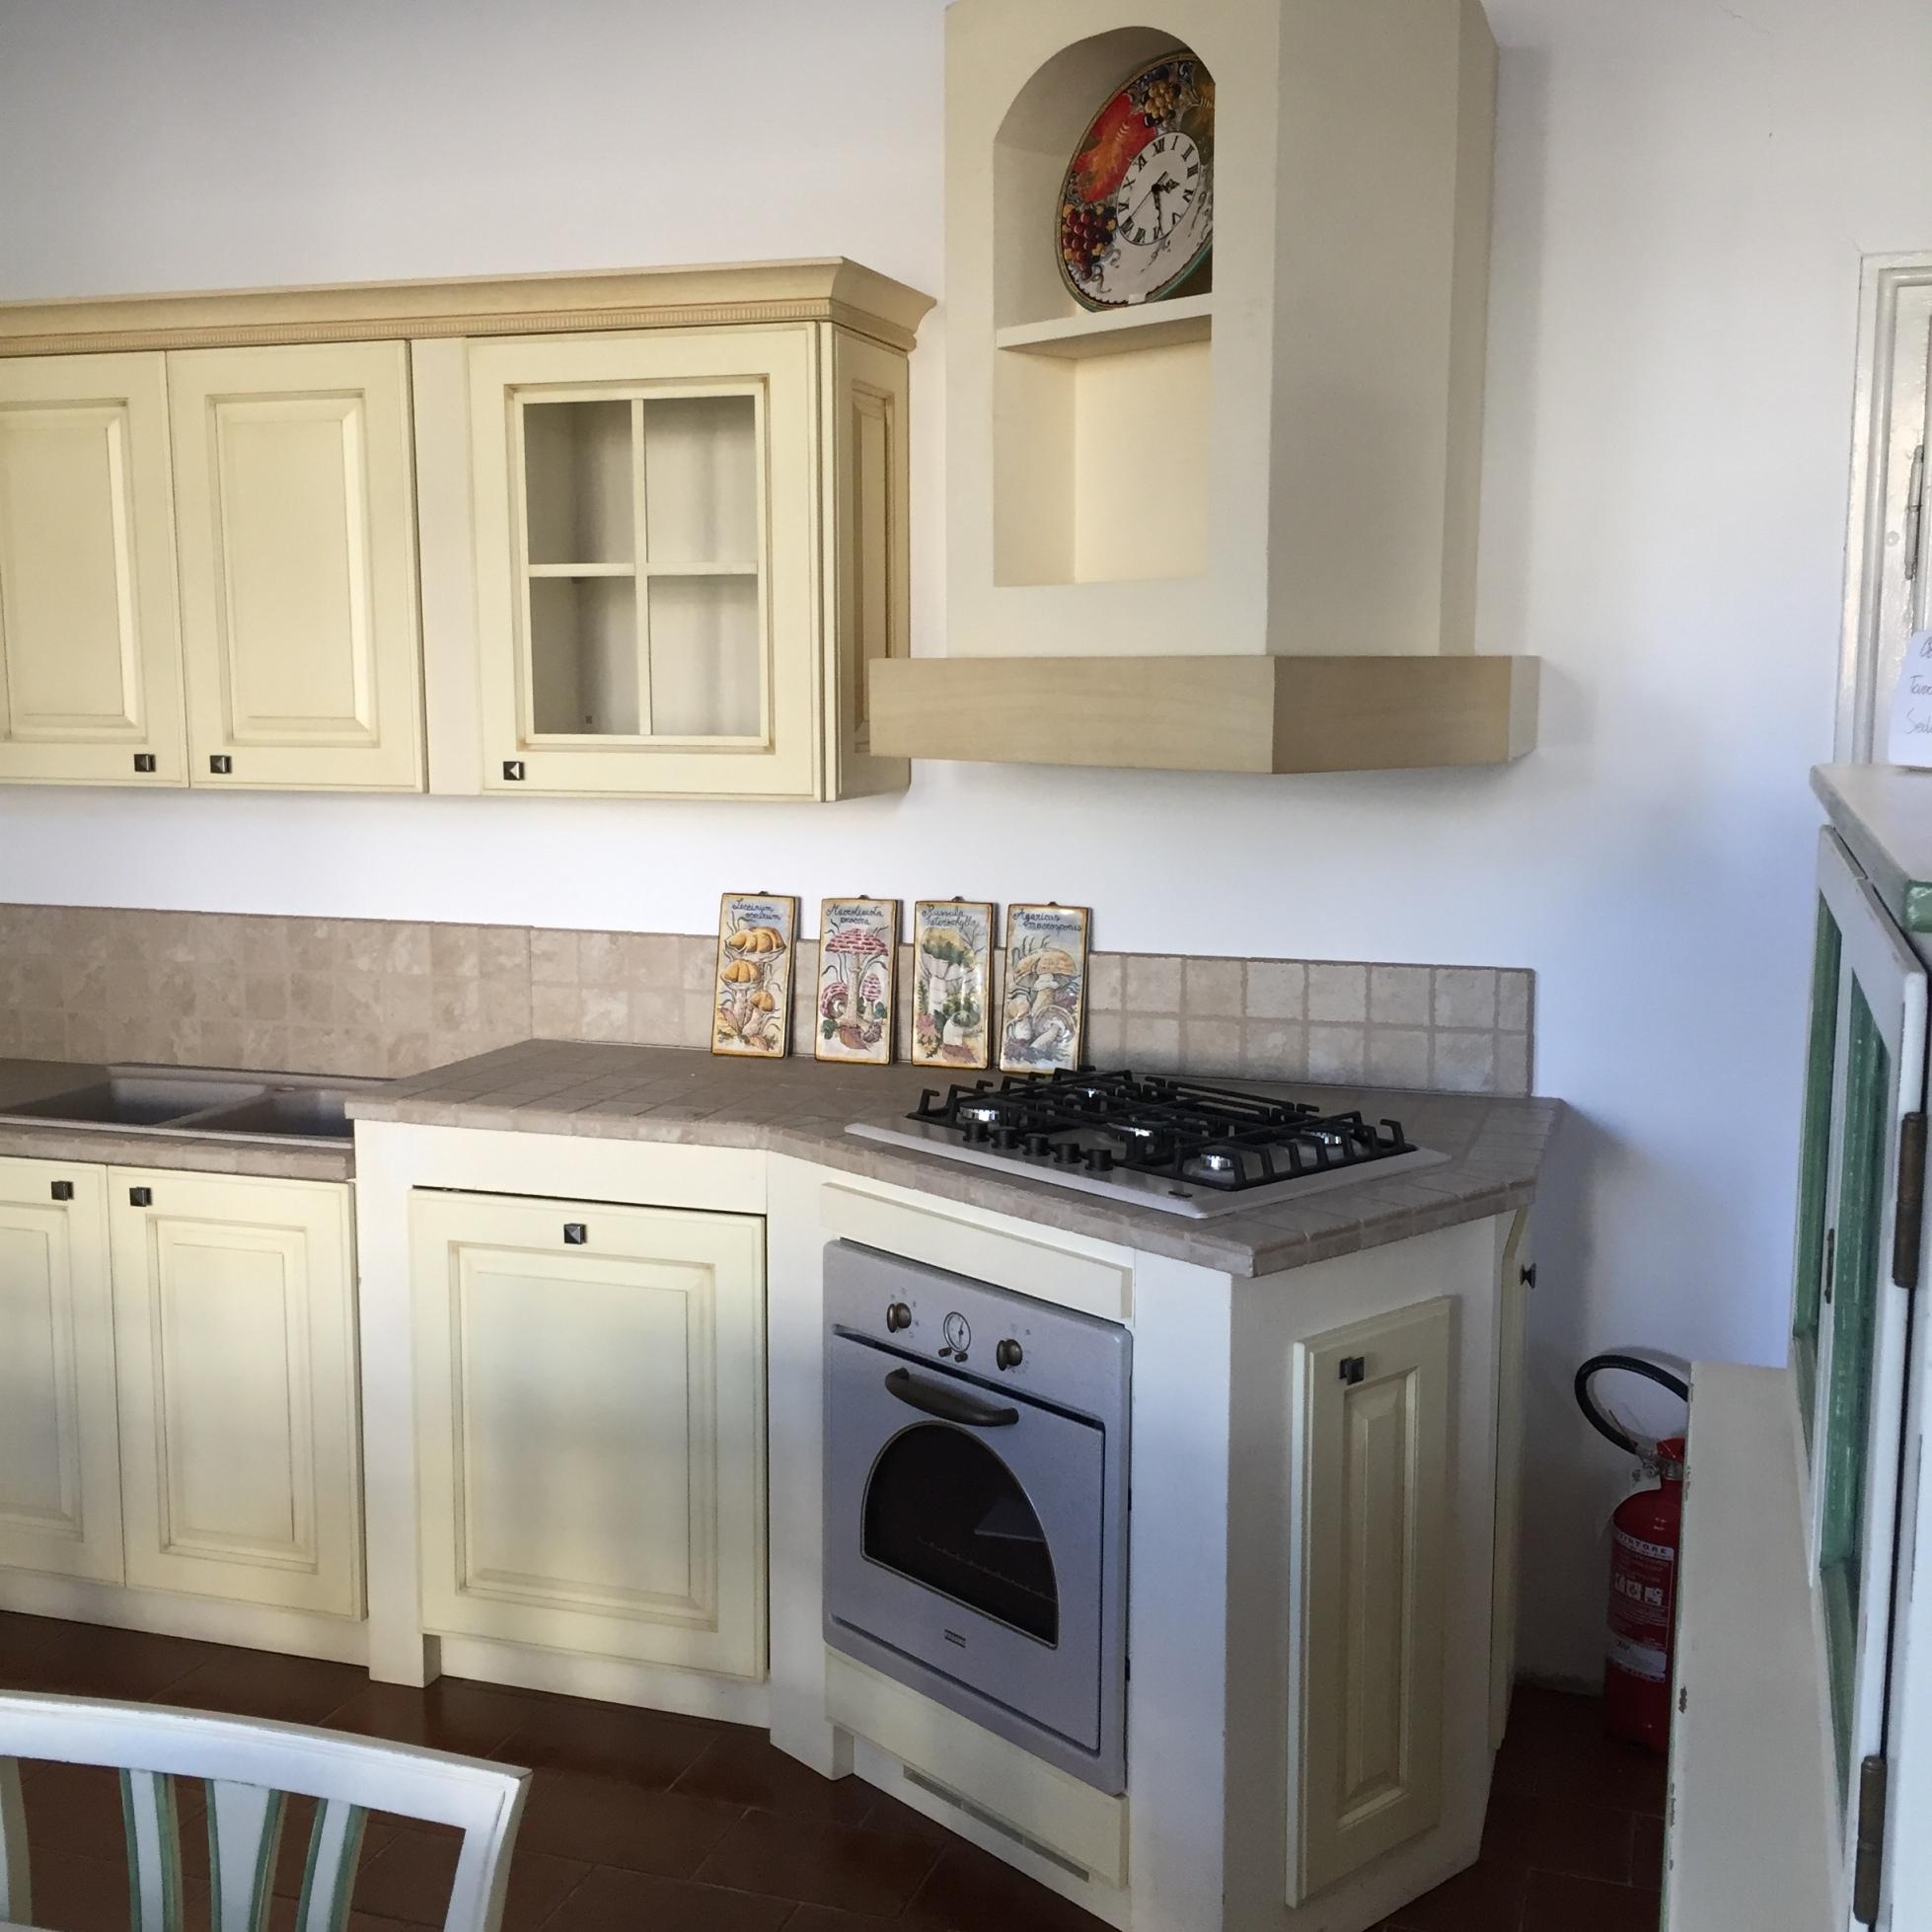 Cucina athena di berloni cucine cucine a prezzi scontati for Berloni cucine